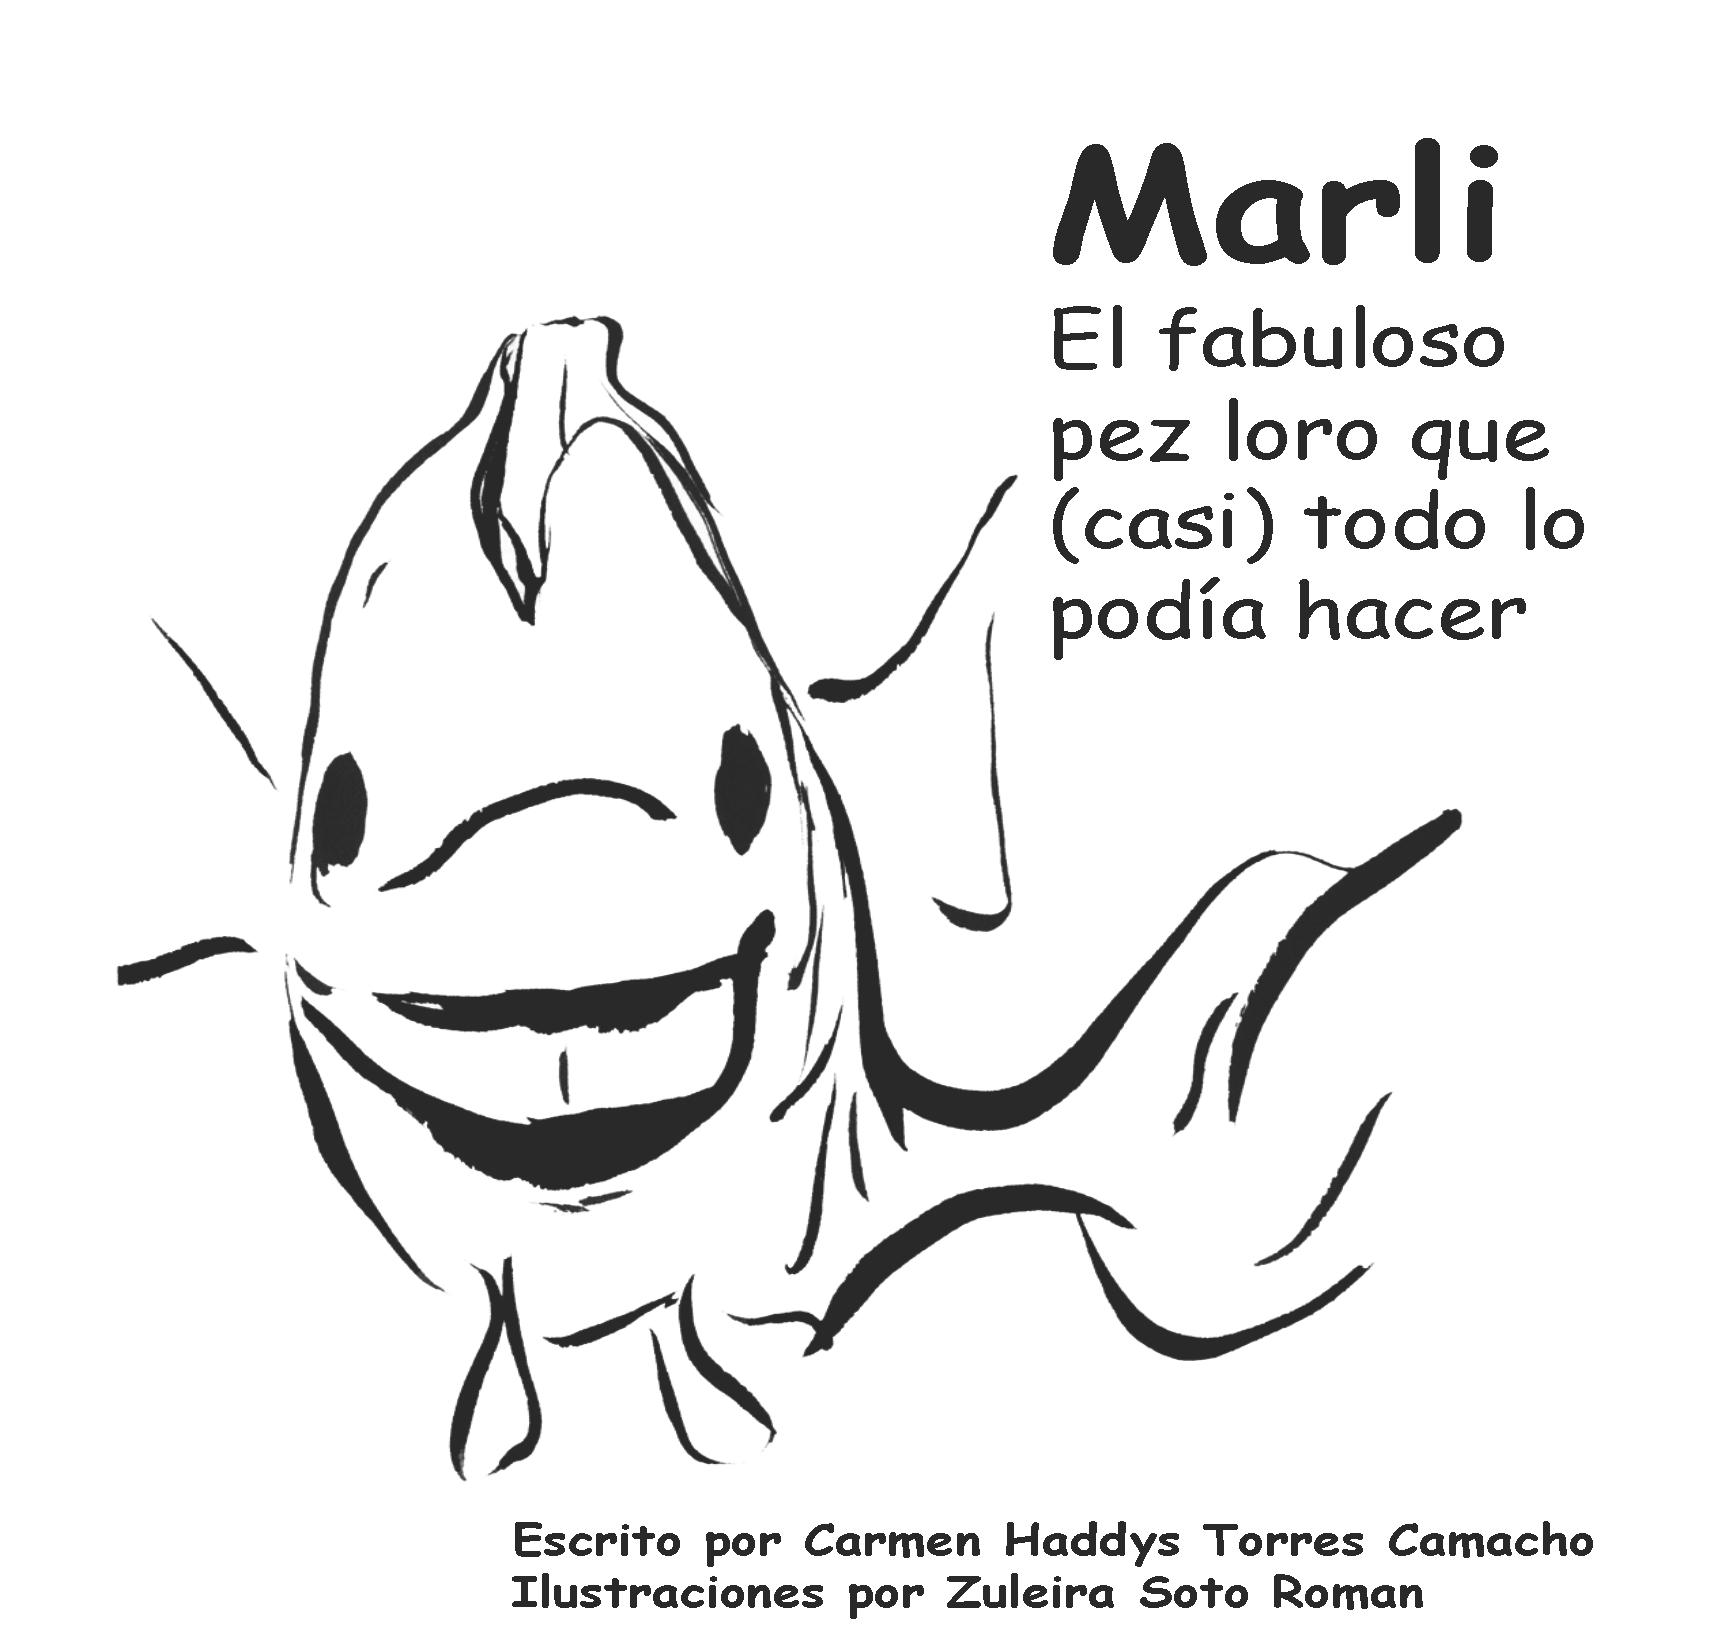 Marli el fabulso pez loro - Como parte de nuestra campaña de conservación del pez loro hemos creado este libro para niños sobre la vida de esta hermosa criatura. Por favor descárgalo y compártelo con tu amigos, vecinos, y compañeros de trabajo.